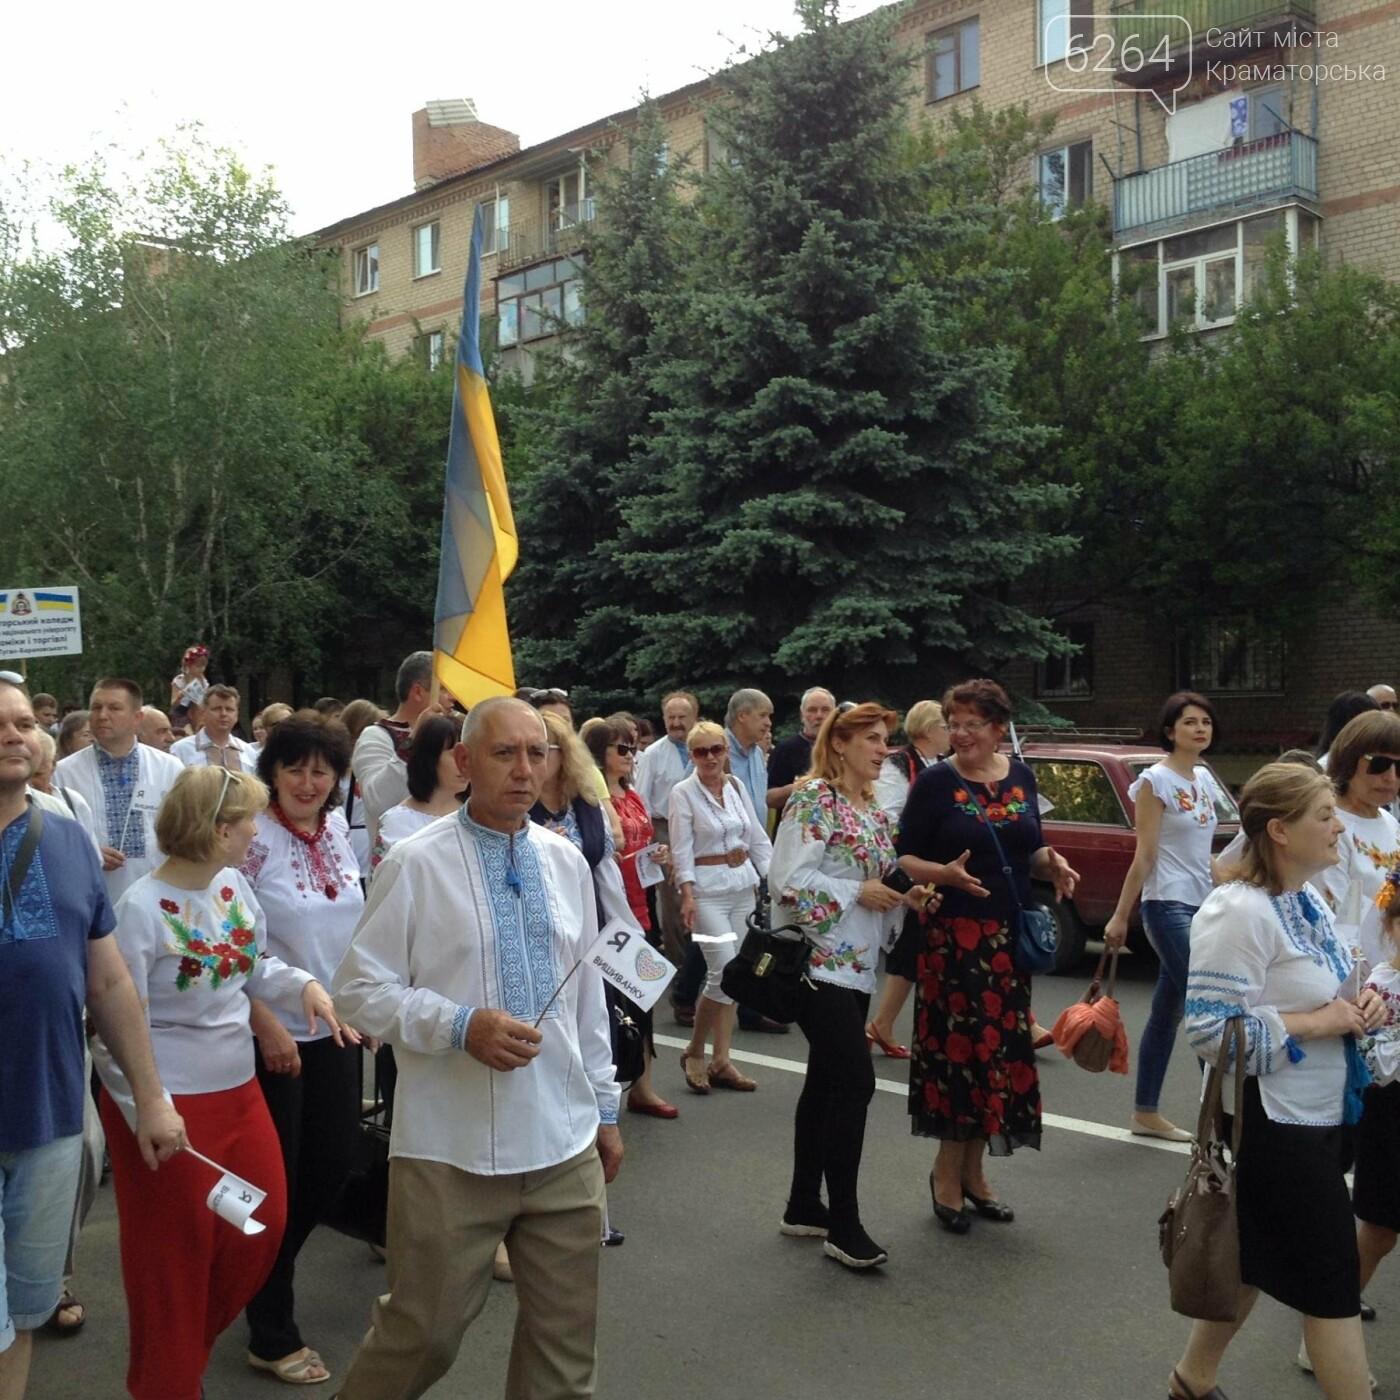 В Краматорске праздничным шествием доказали, что «Вышиванка - это код нации», фото-3